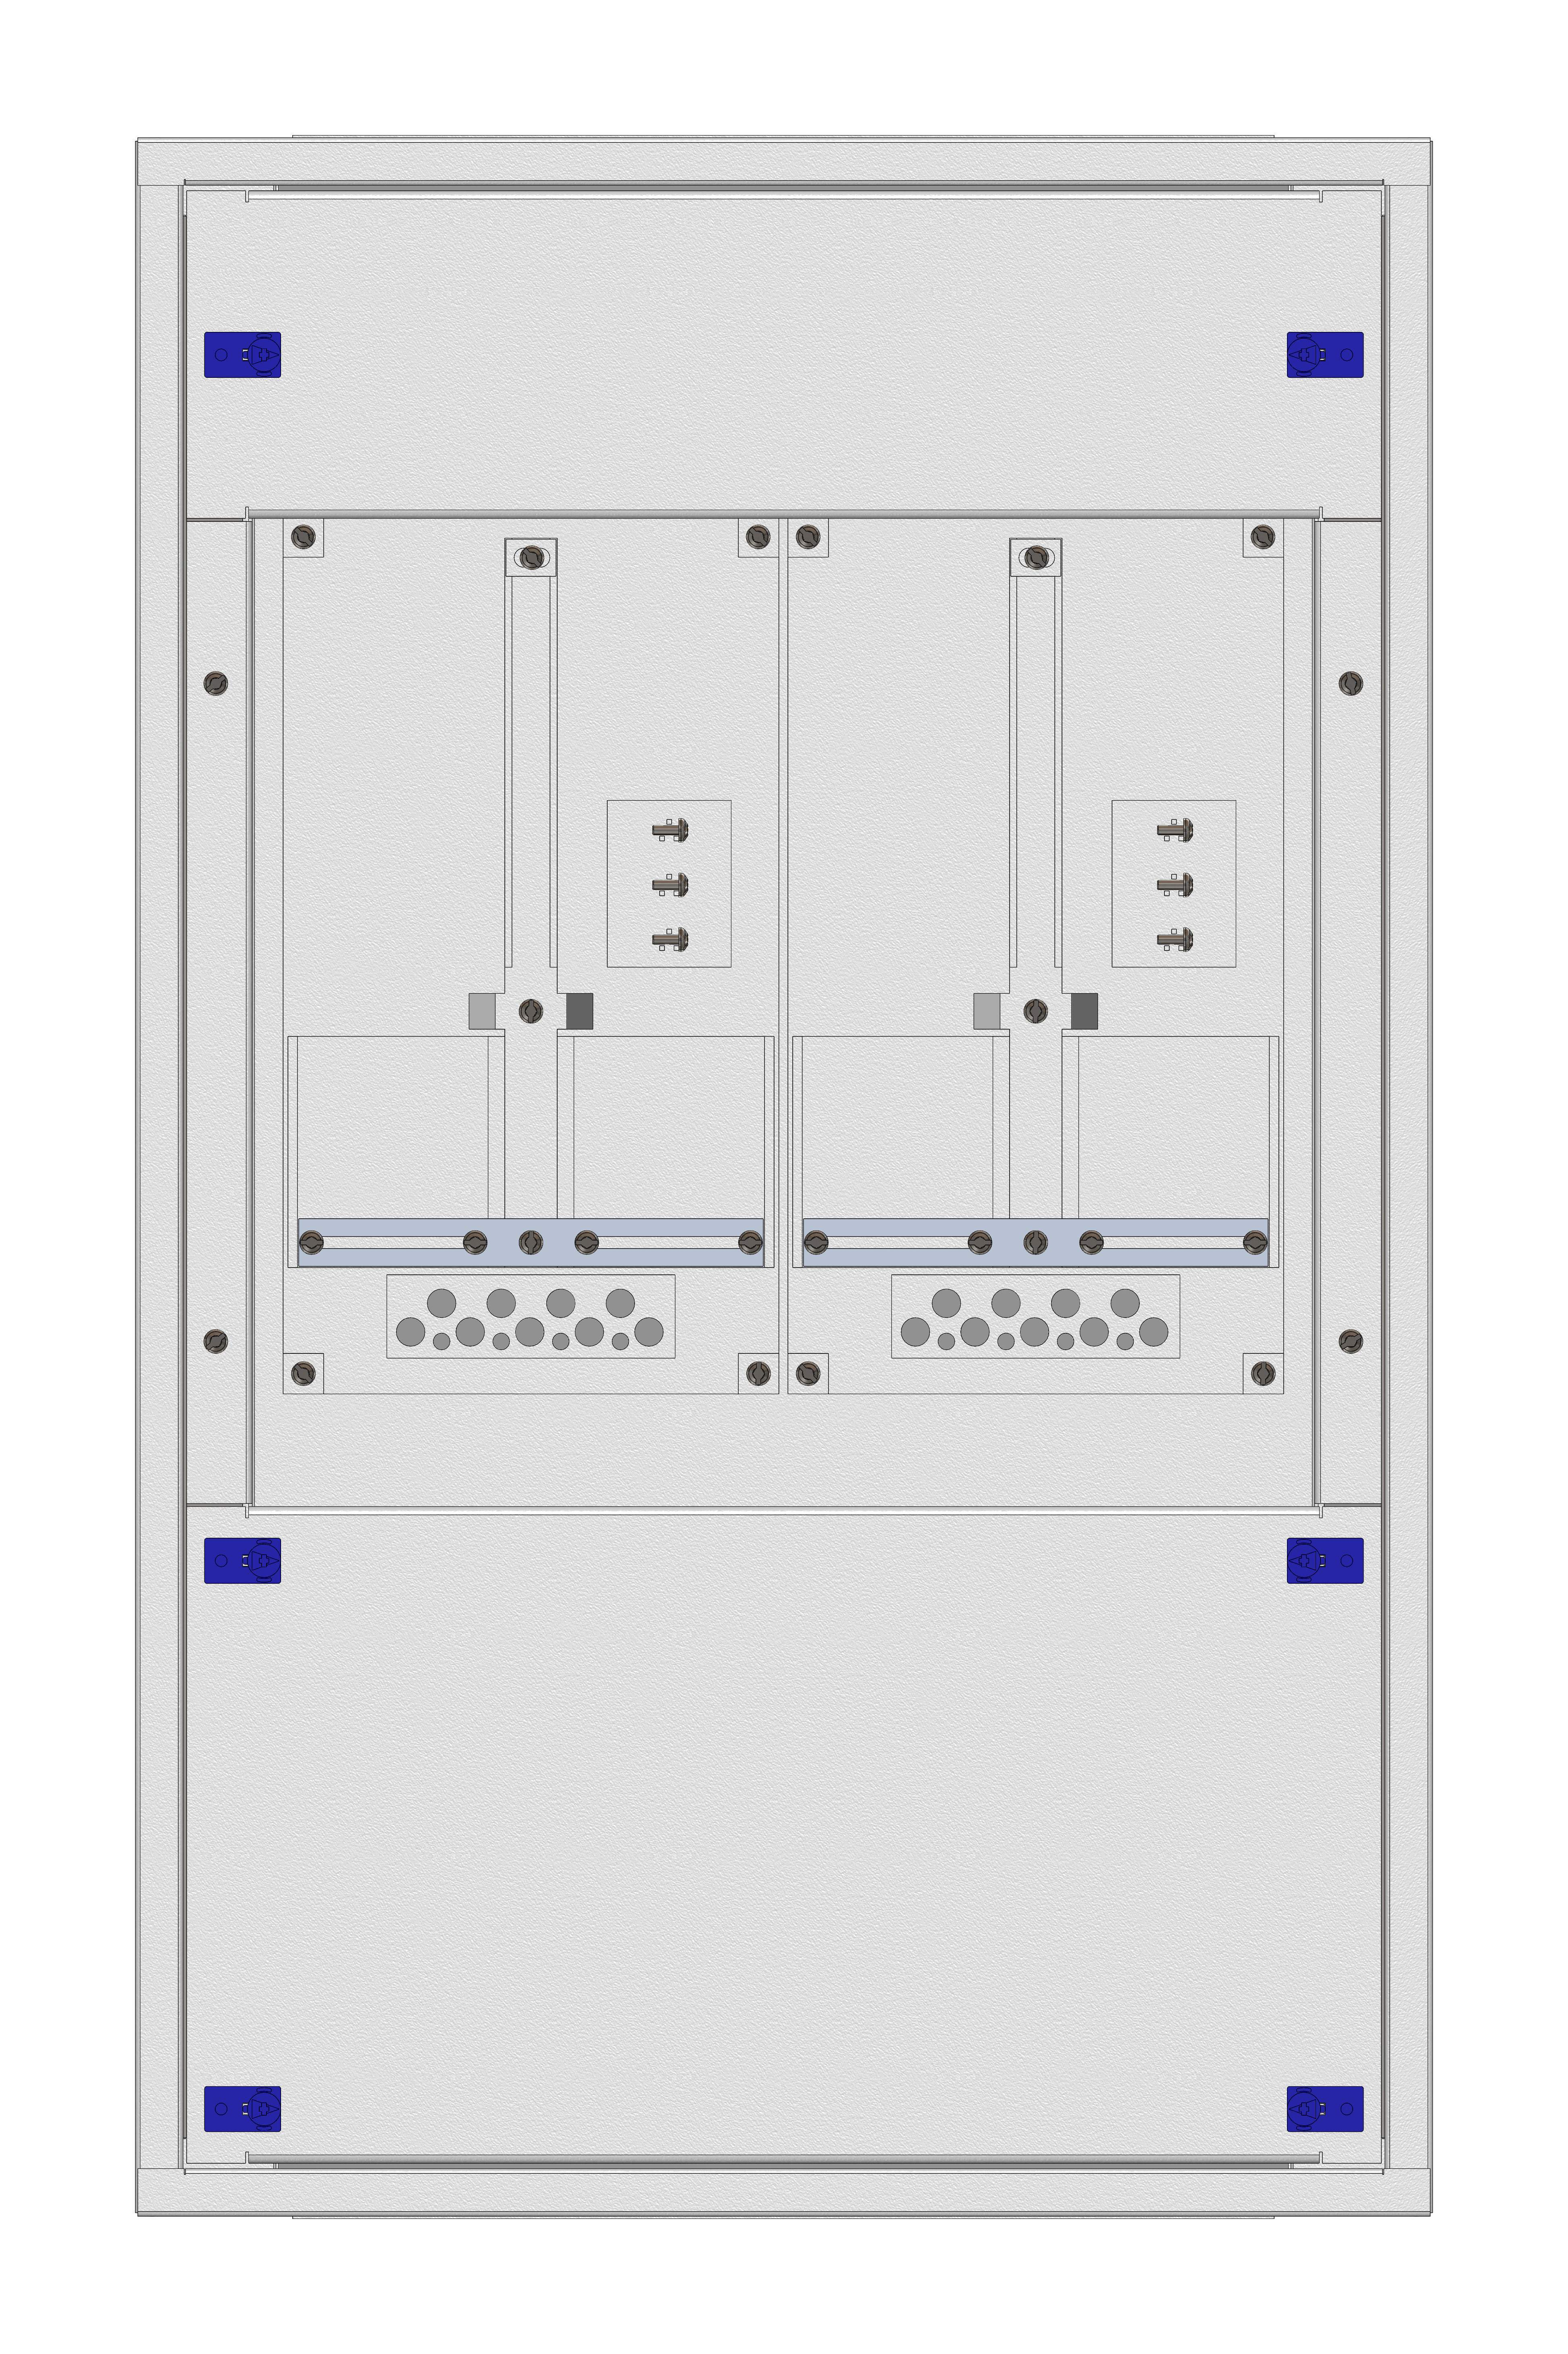 1 Stk Zählerverteiler Einsatz 2-18F, 2 Zählerplätze, Kärnten IL145218--